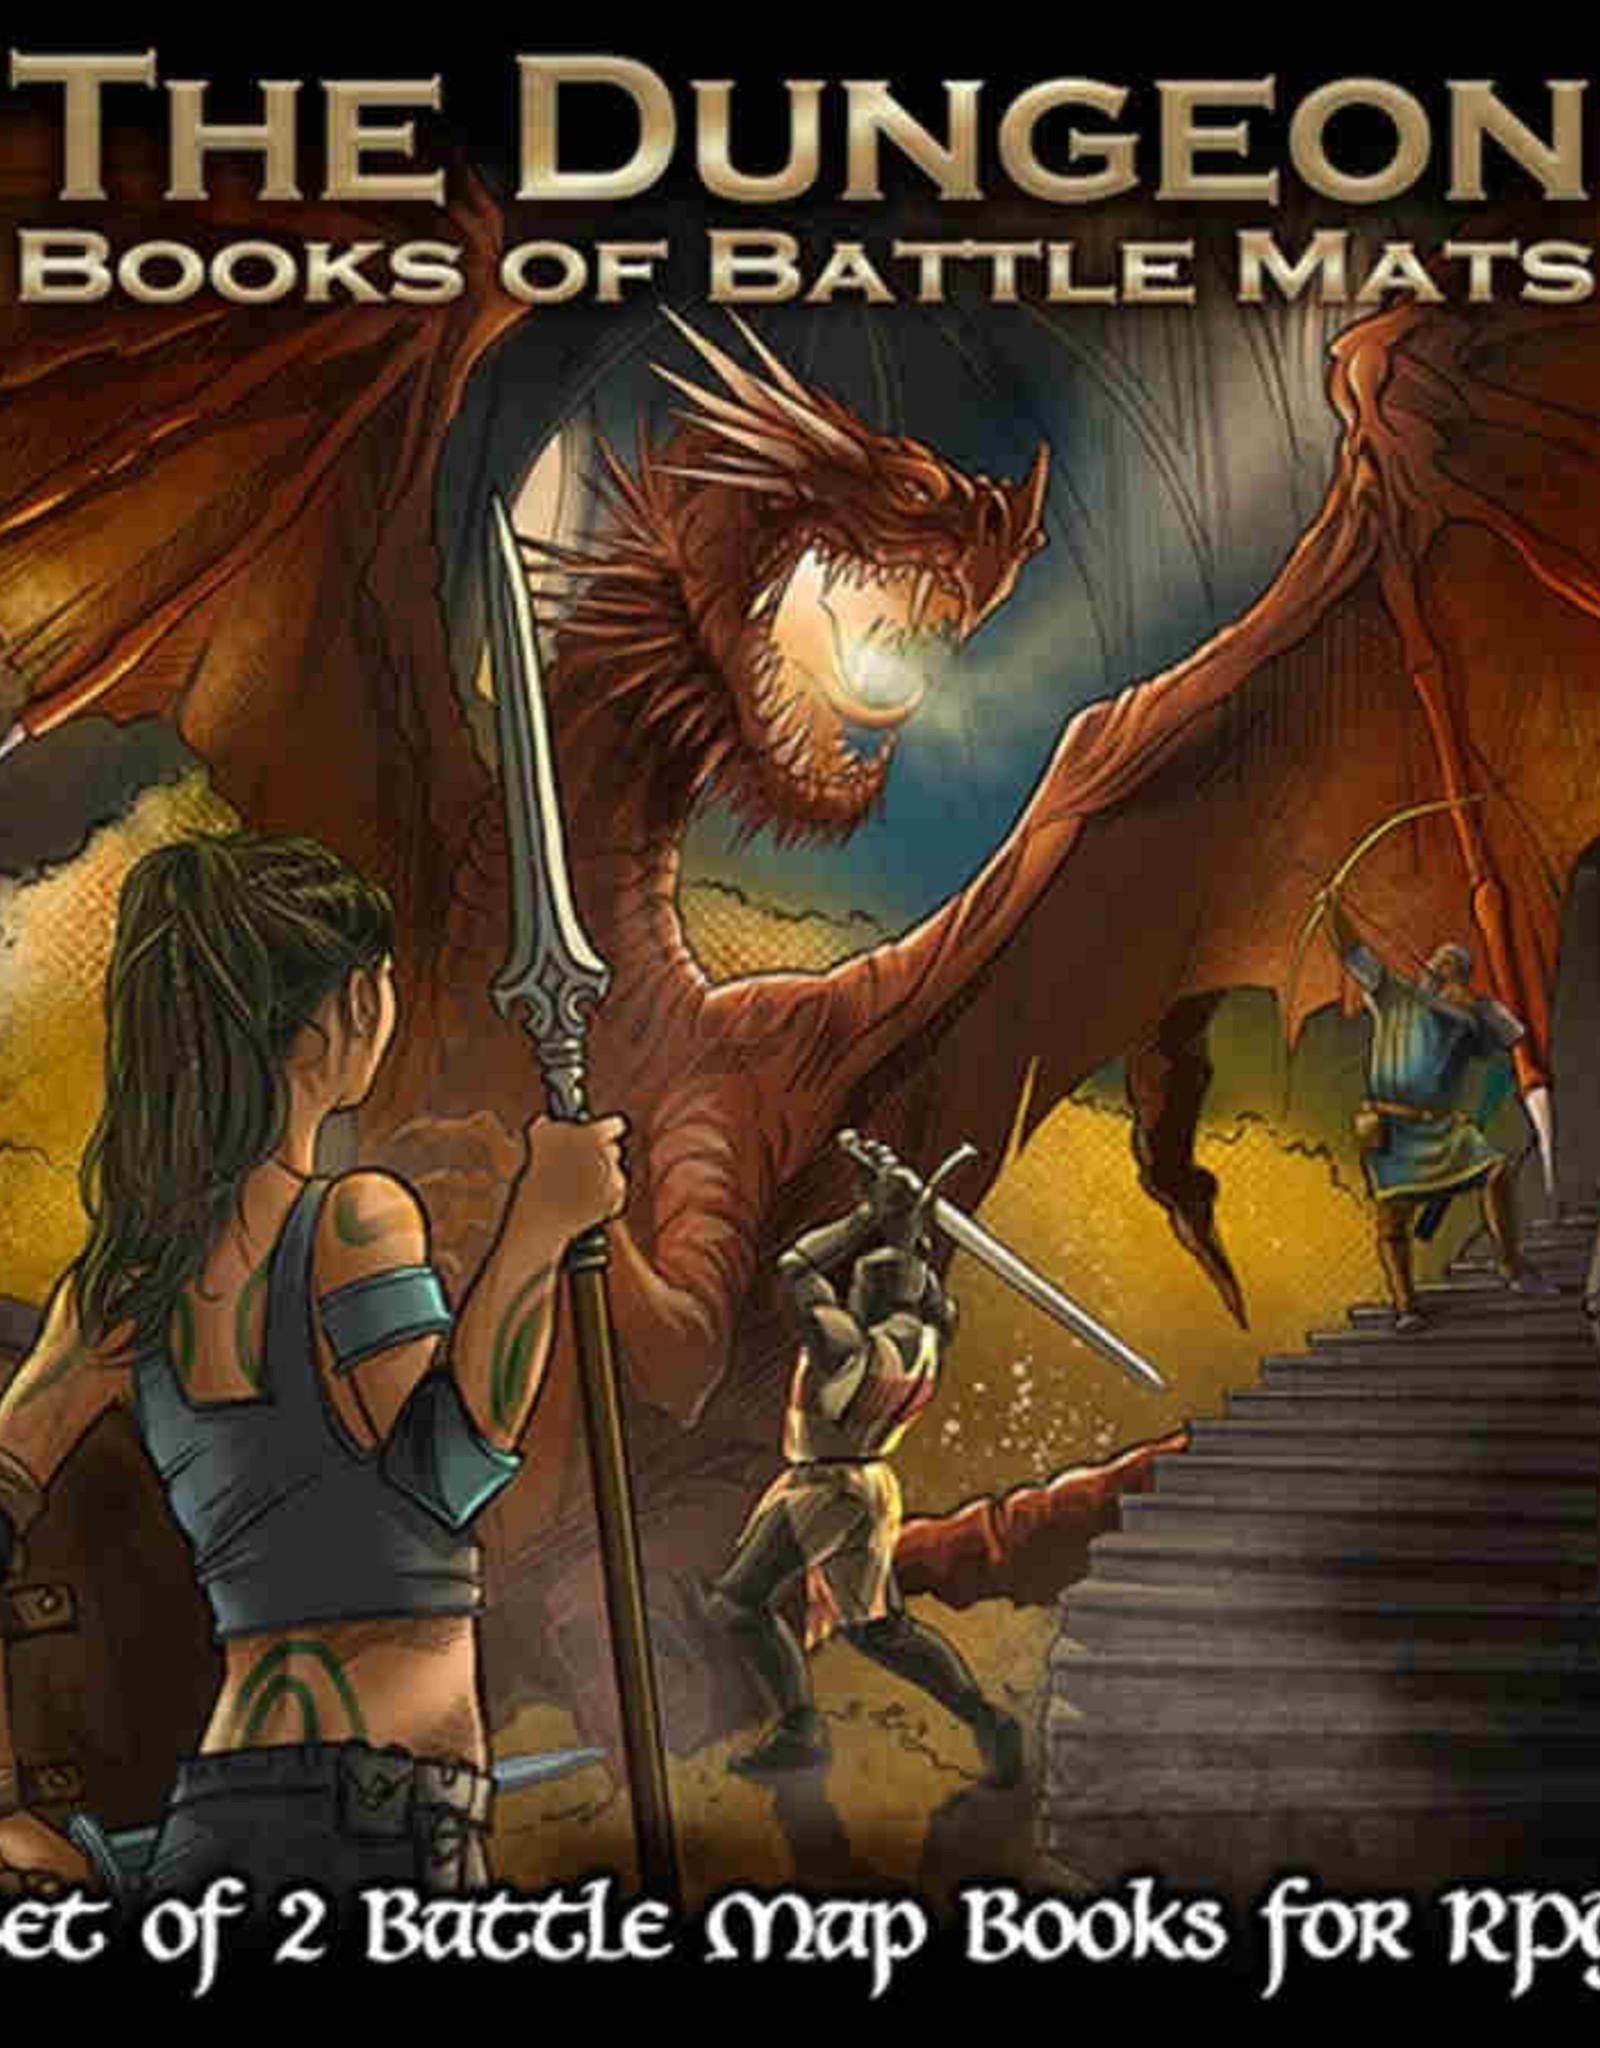 Loke Battlemats Dungeon Book of Battle Mats